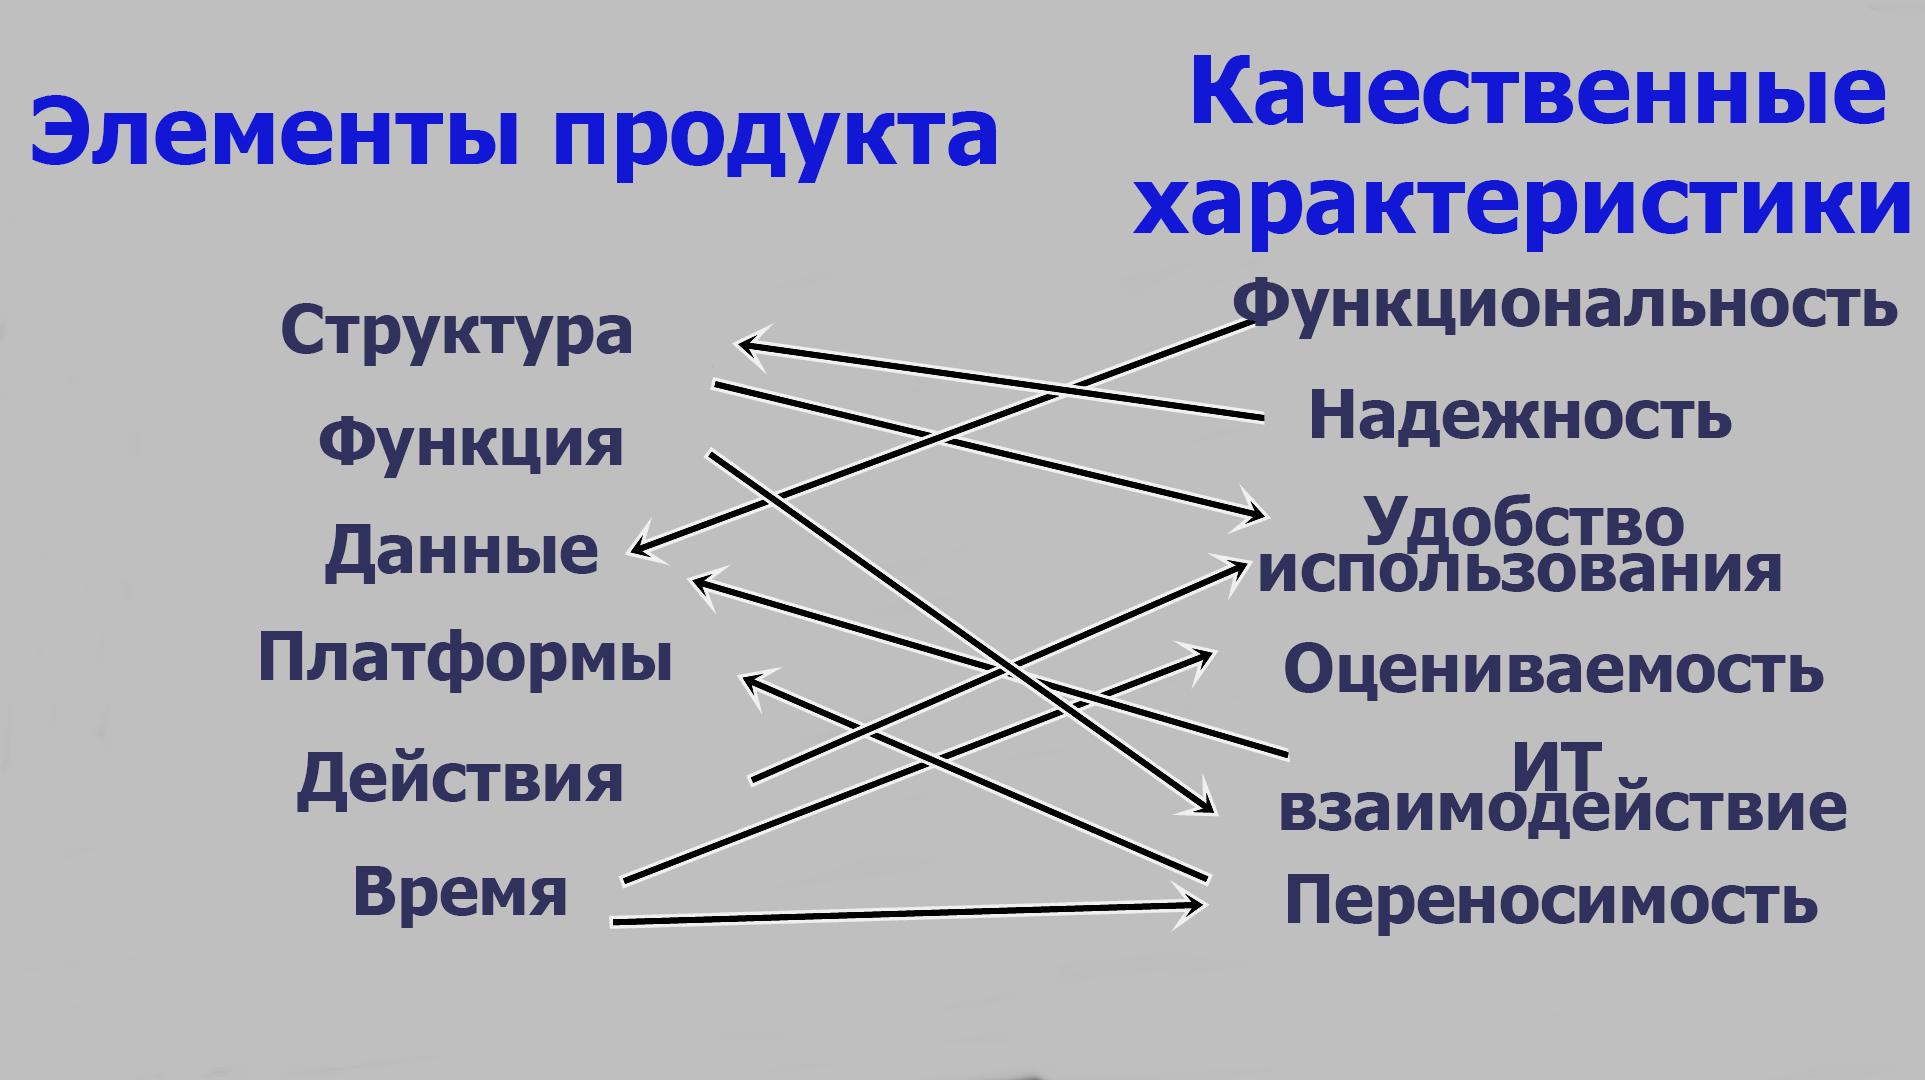 Элементы продукта